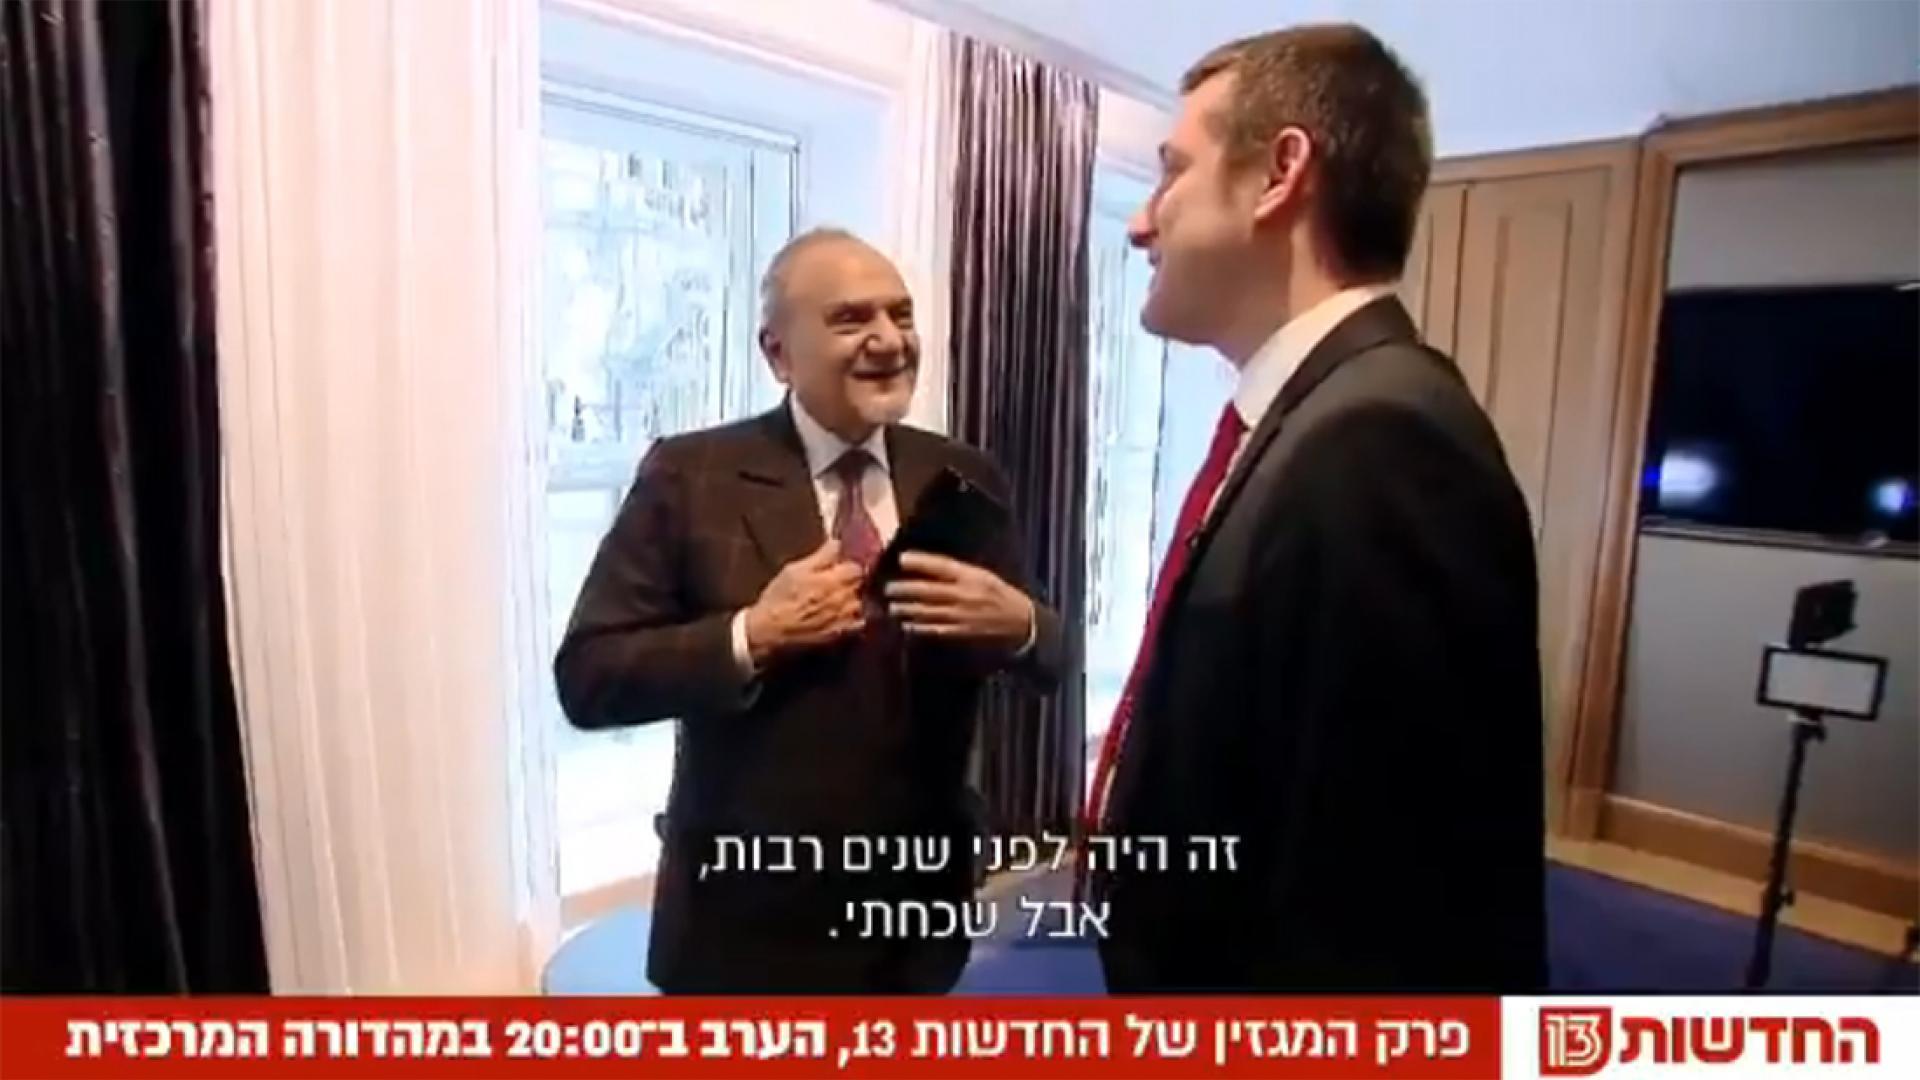 إعلامي إسرائيلي ينشر فيديو مع الأمير تركي الفيصل: اقترح علي الزواج من سعودية